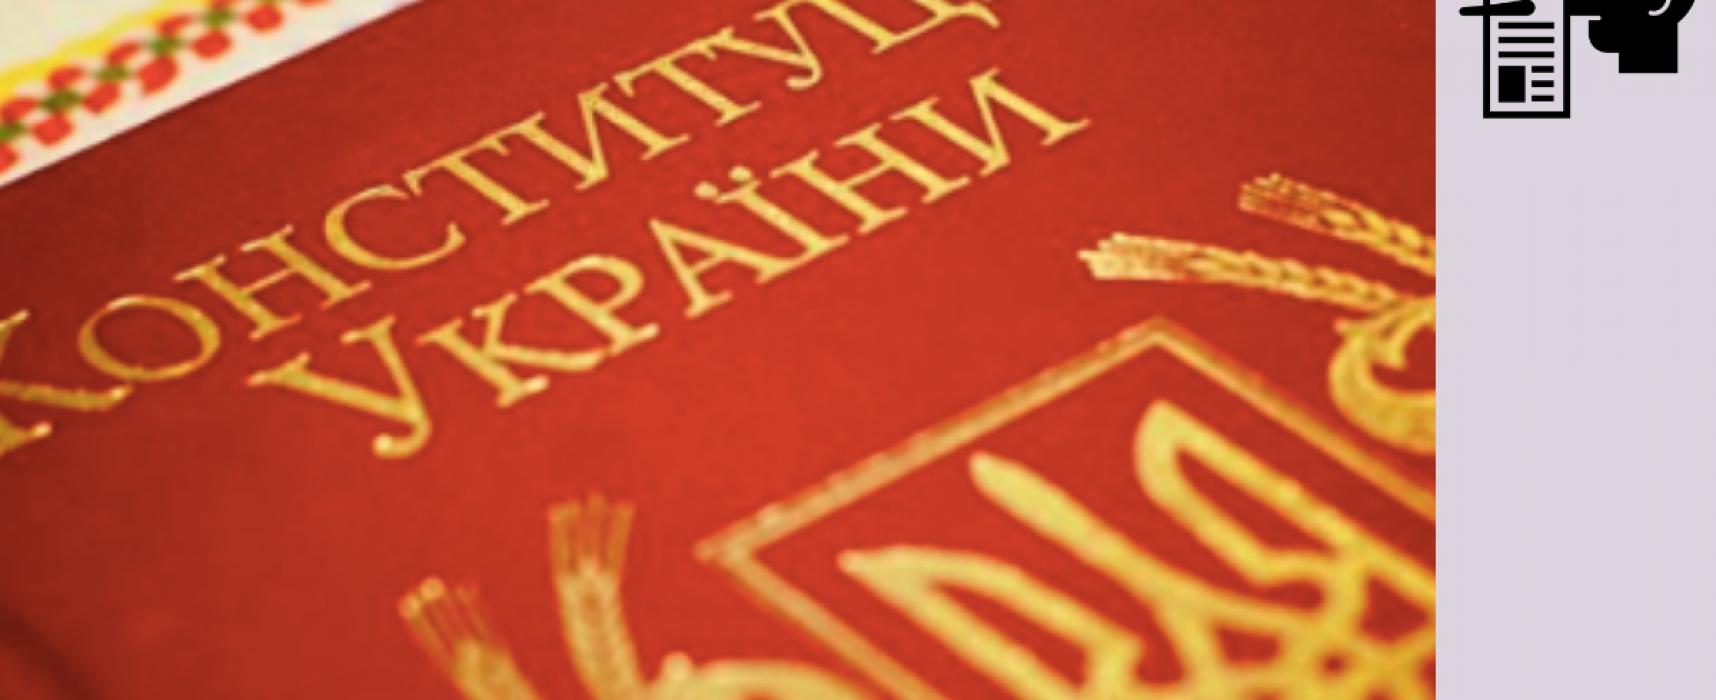 Фейк: Закон об украинском языке нарушает Конституцию Украины, а нарушители понесут уголовную ответственность